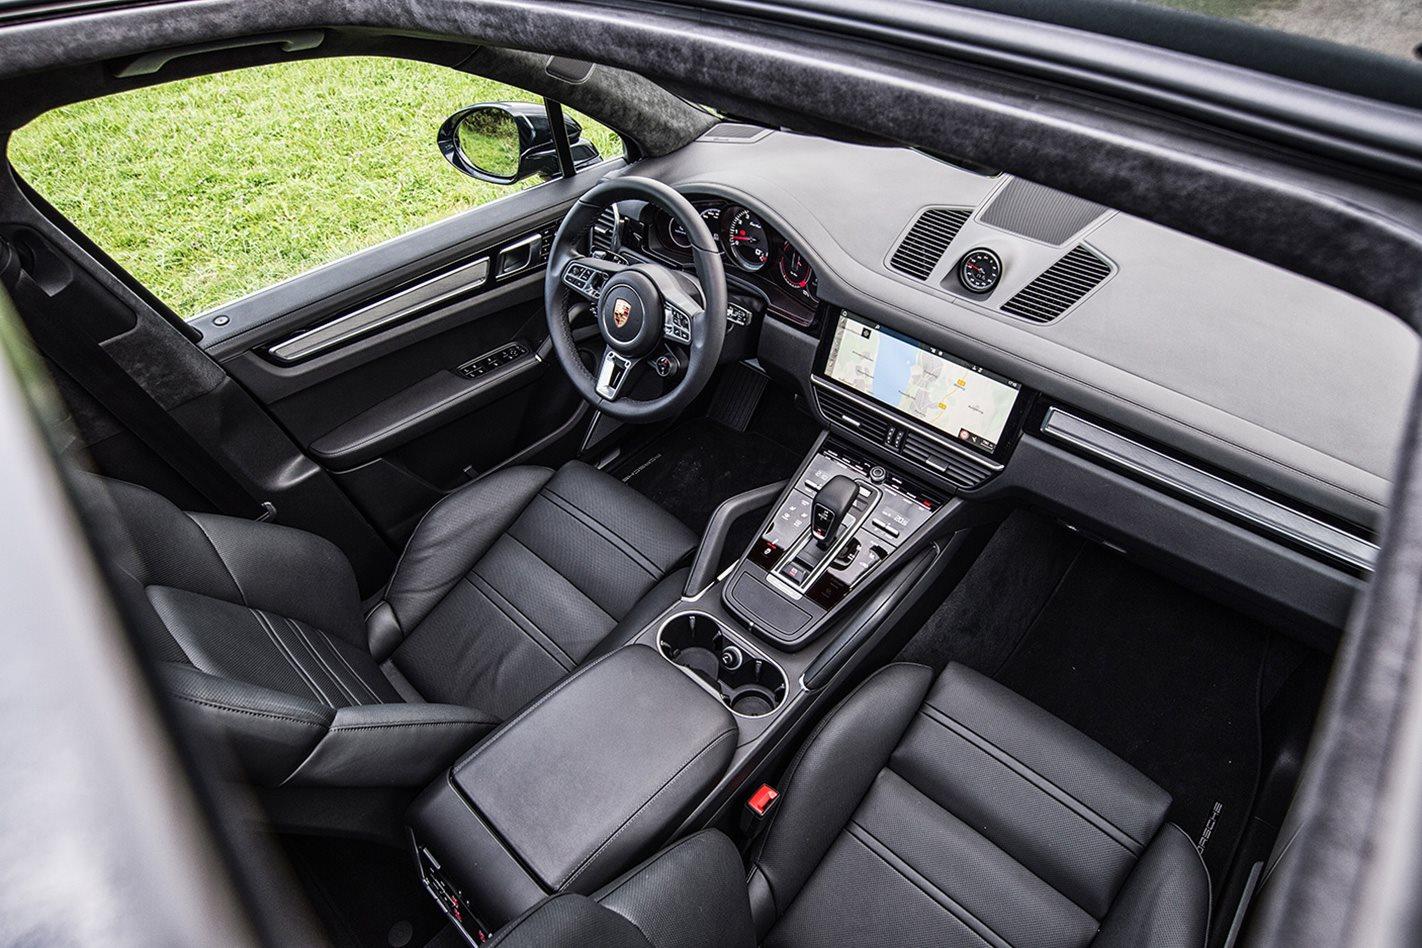 2018-Porsche-Cayenne-Turbo-cabin.jpg